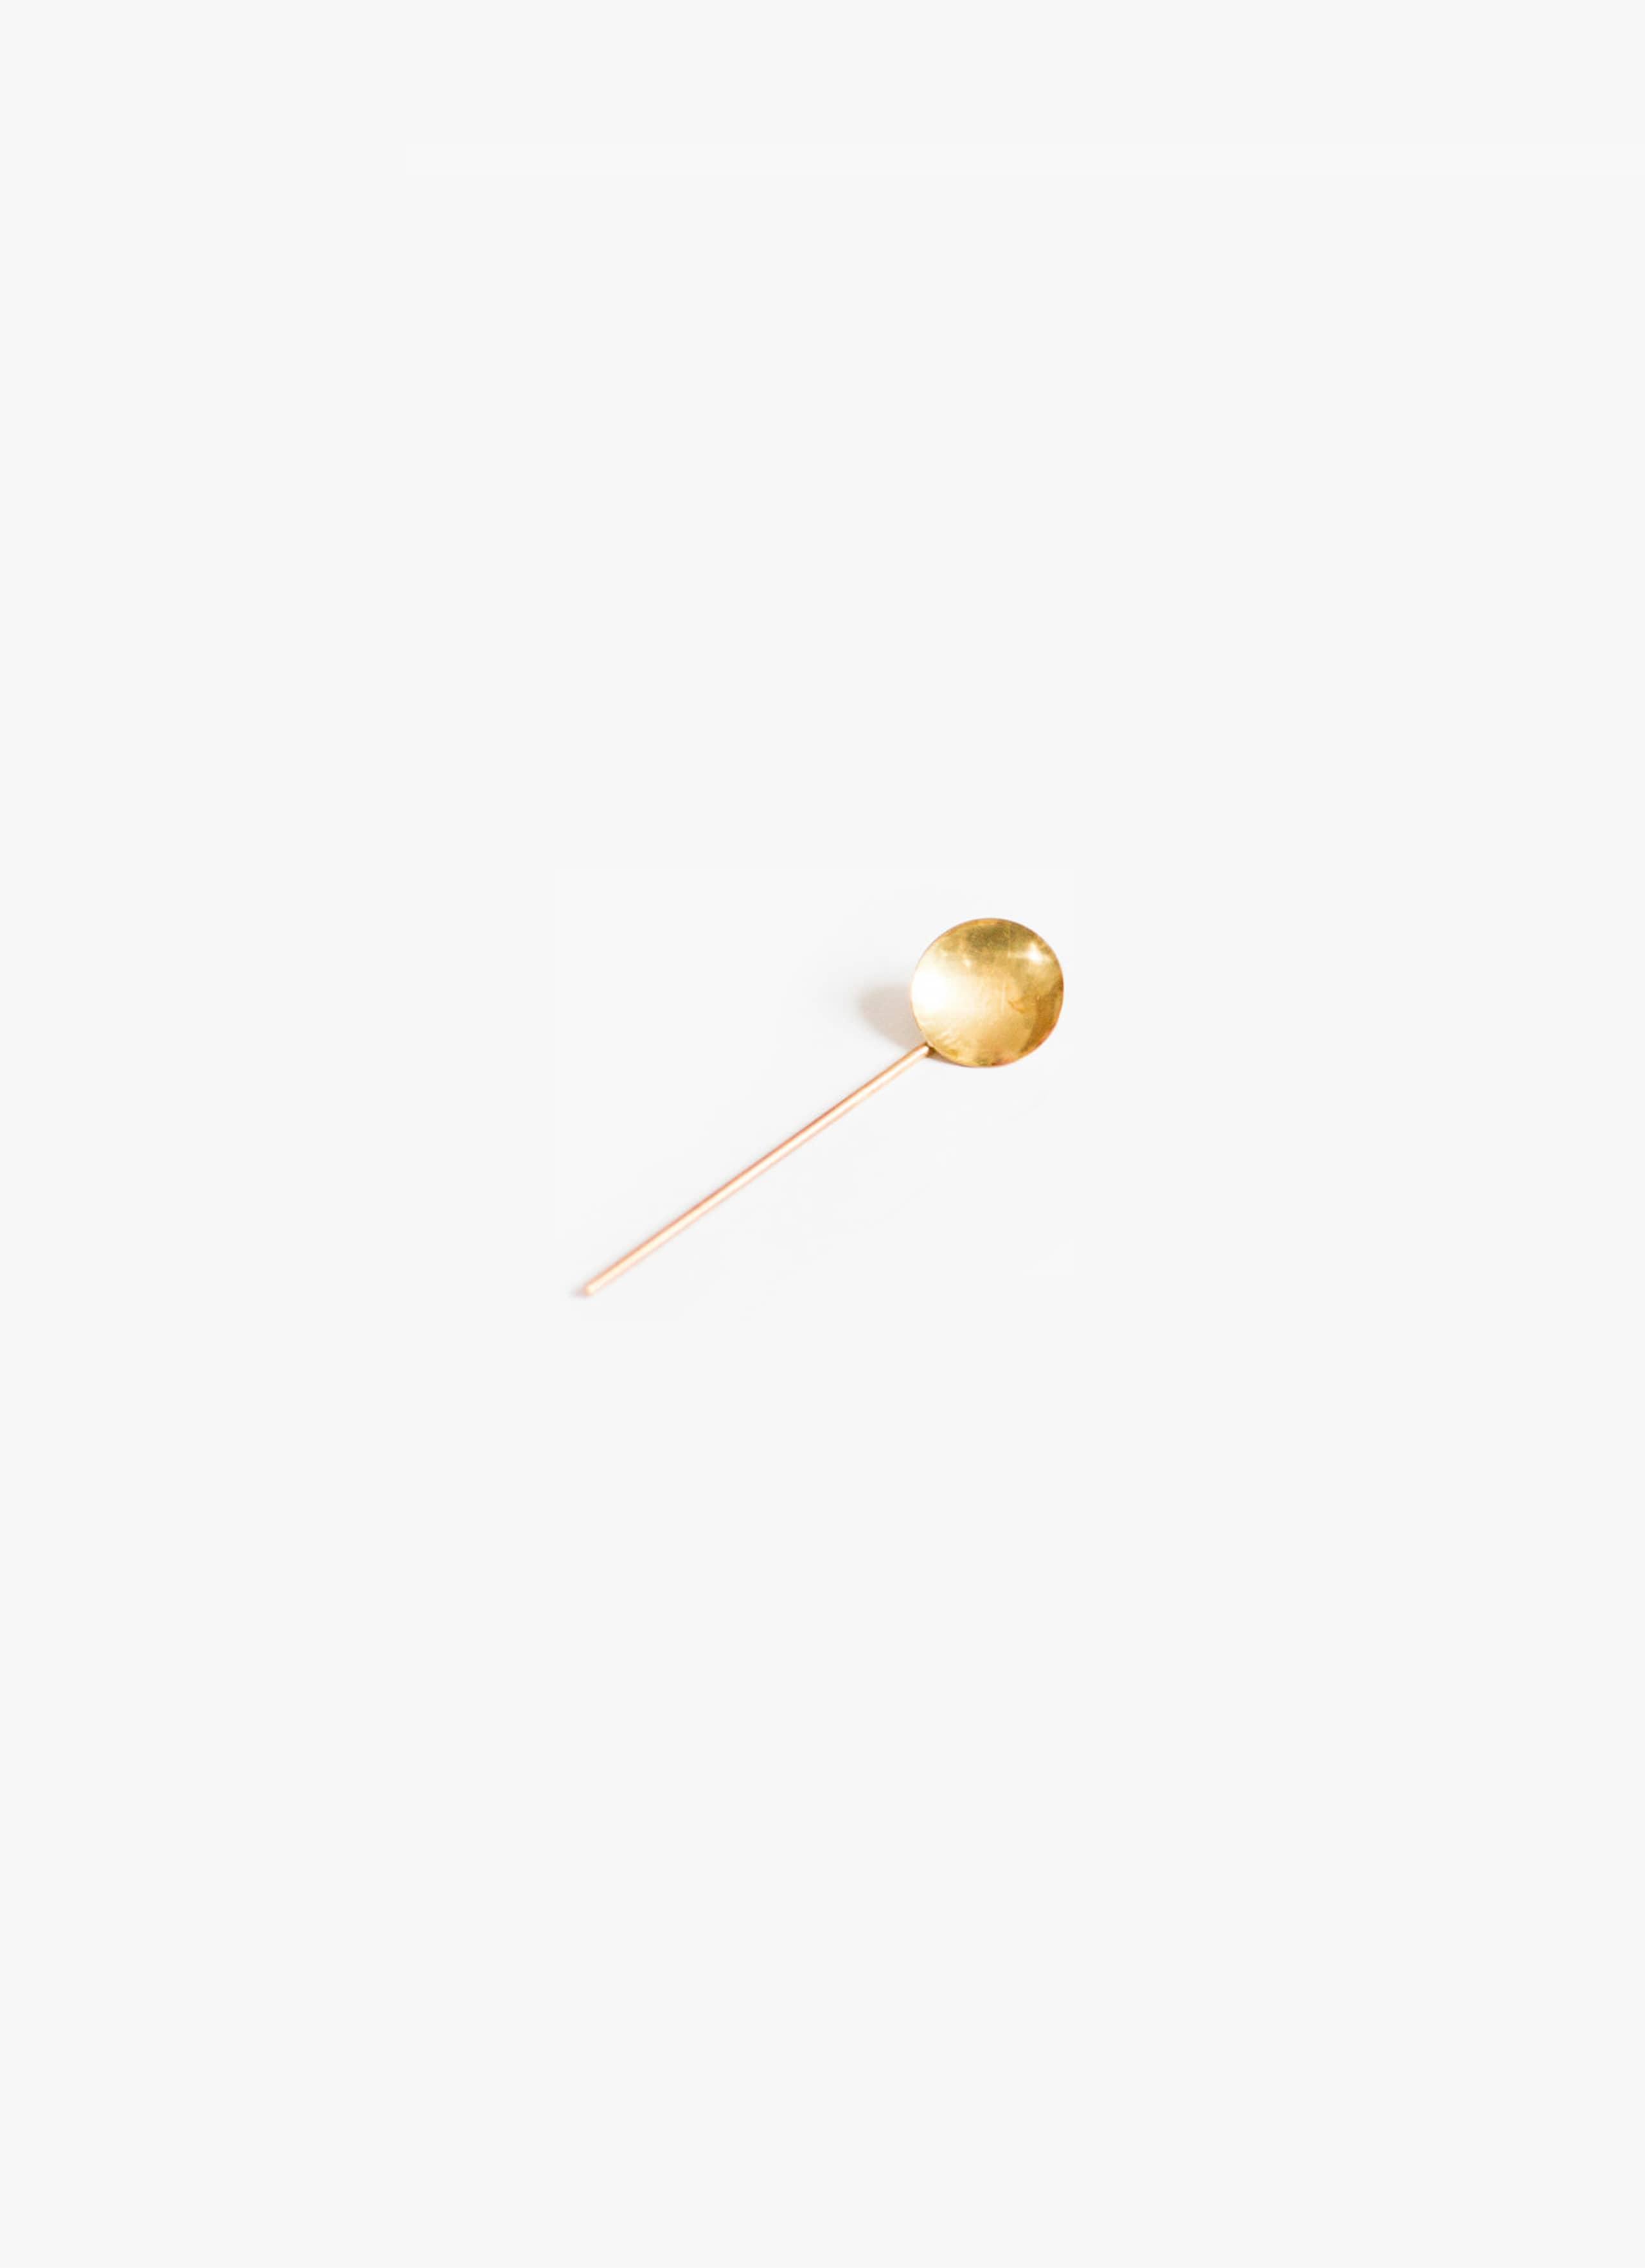 Volta-Kneip-Brass-spoon-small